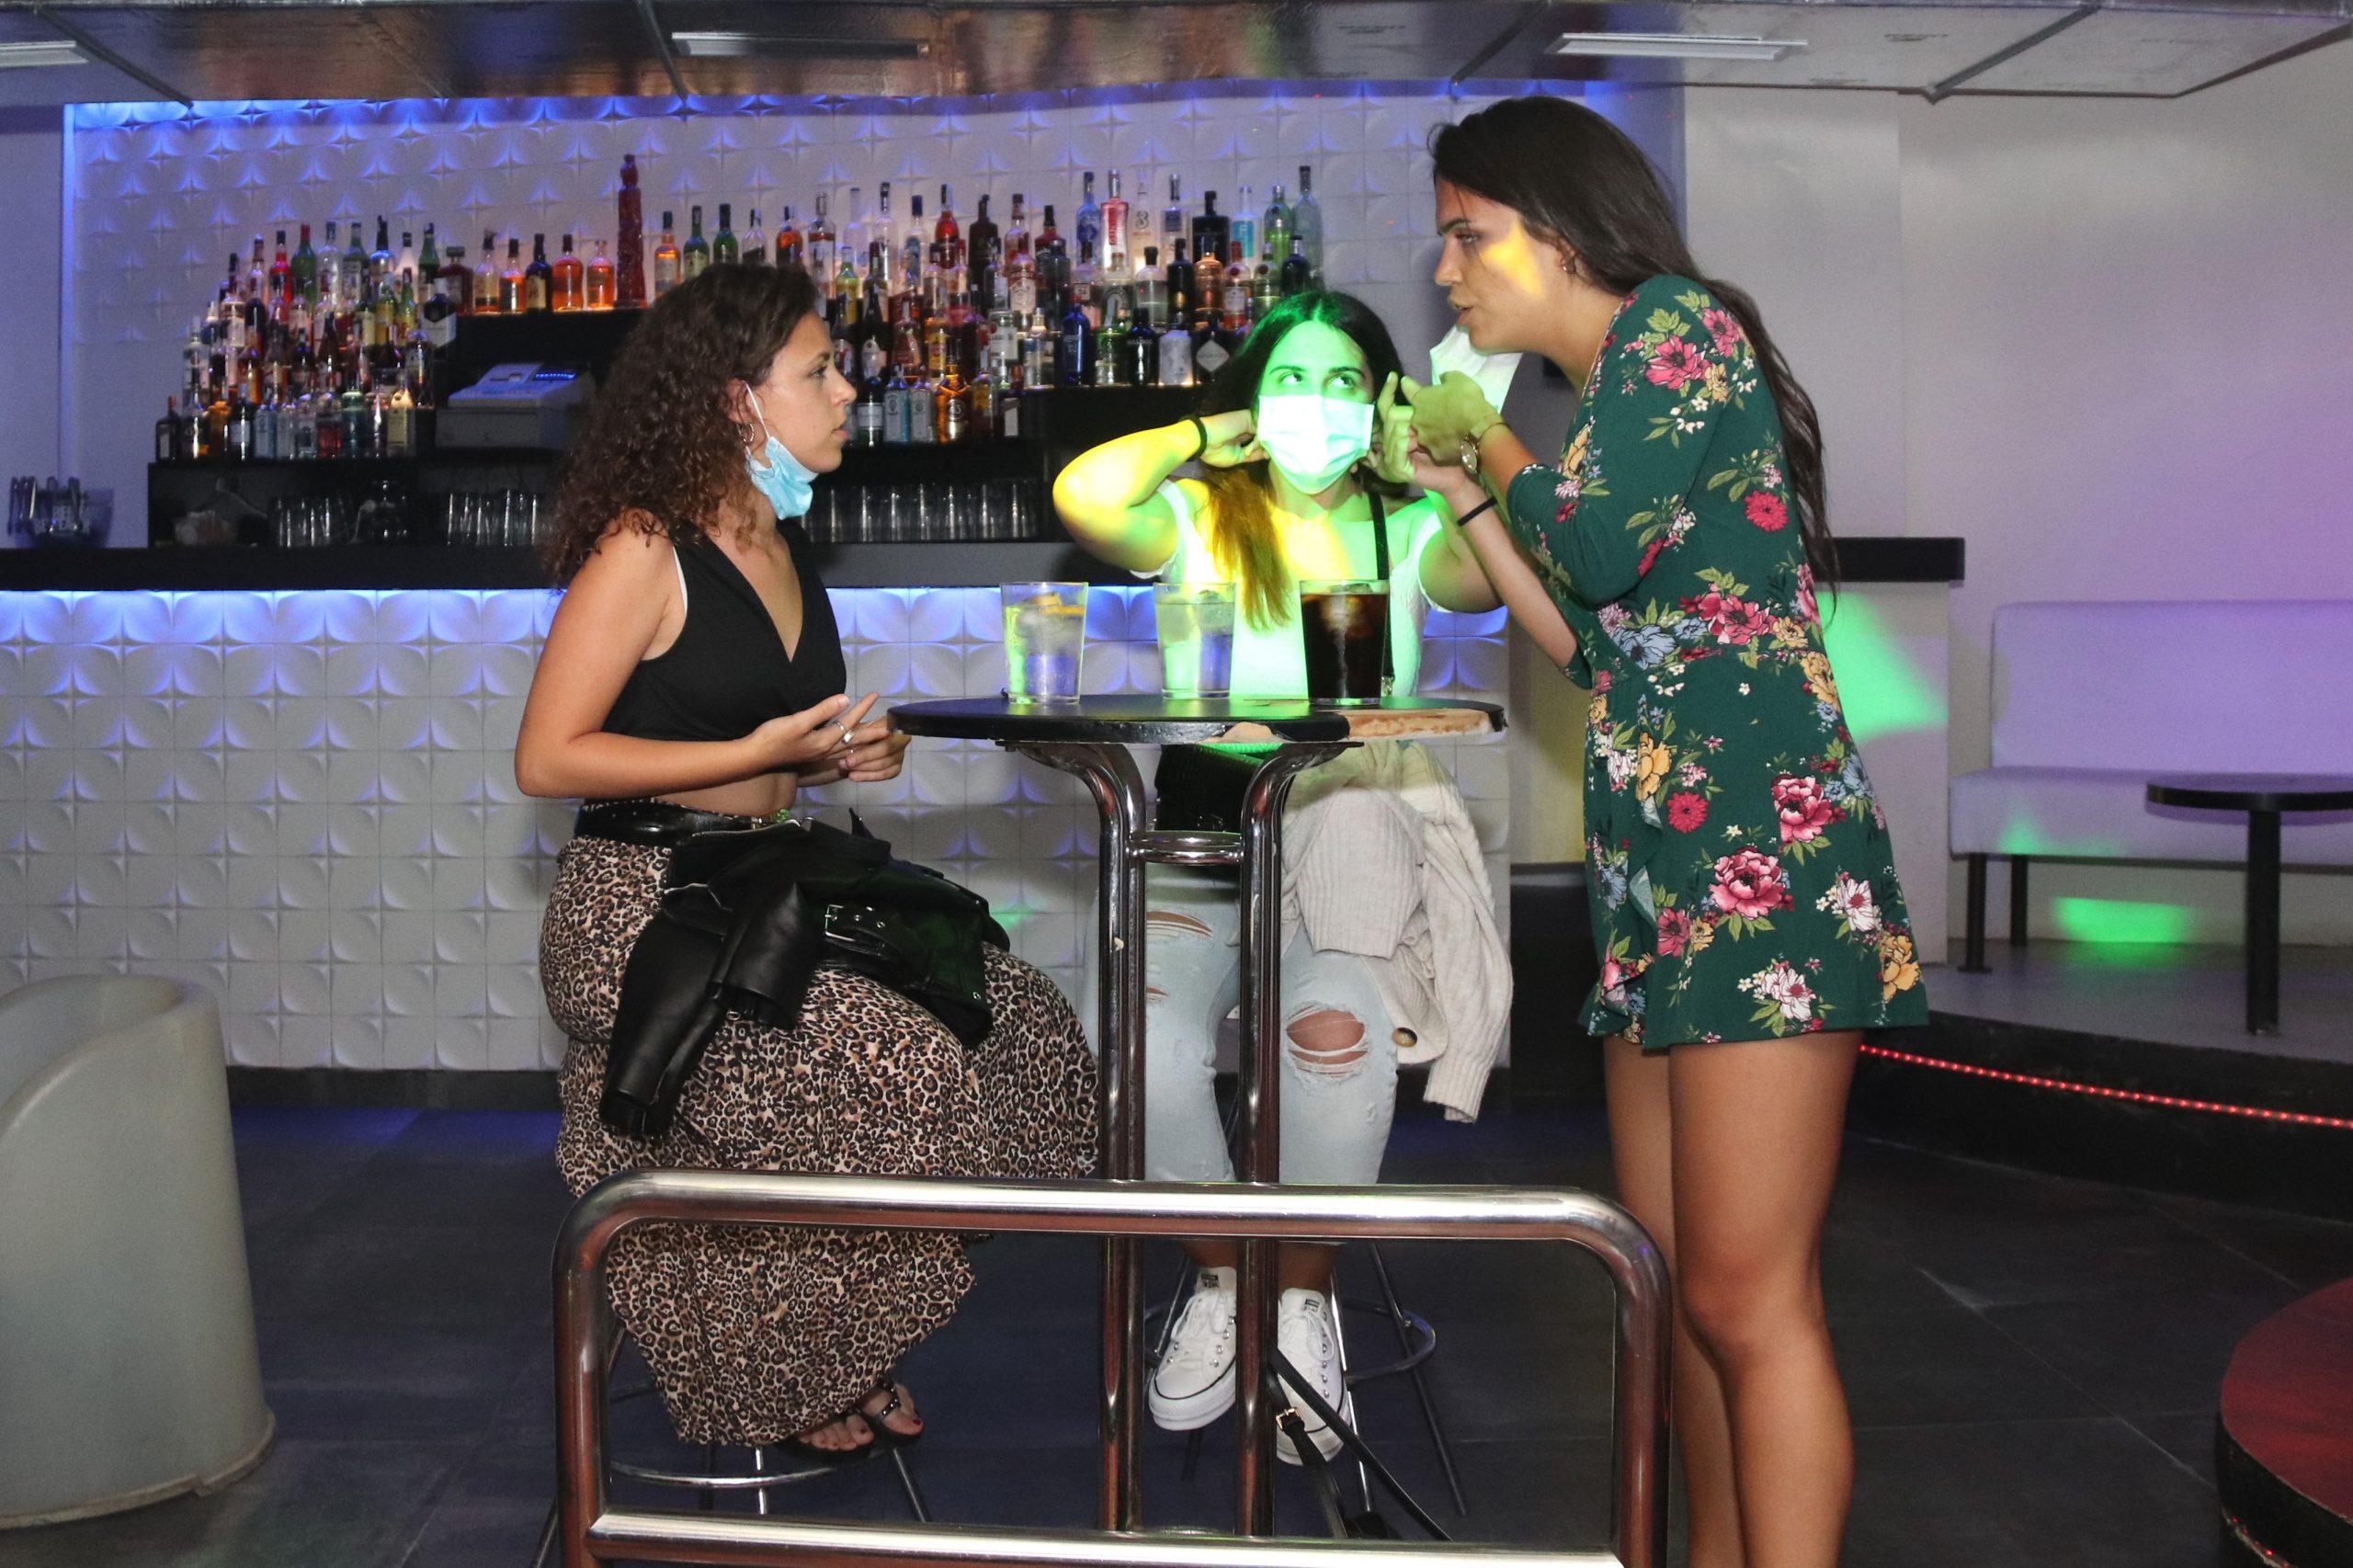 Tres clientes de la discoteca Totem, fent una copa. Foto del 12 de juny del 2020 / ACN